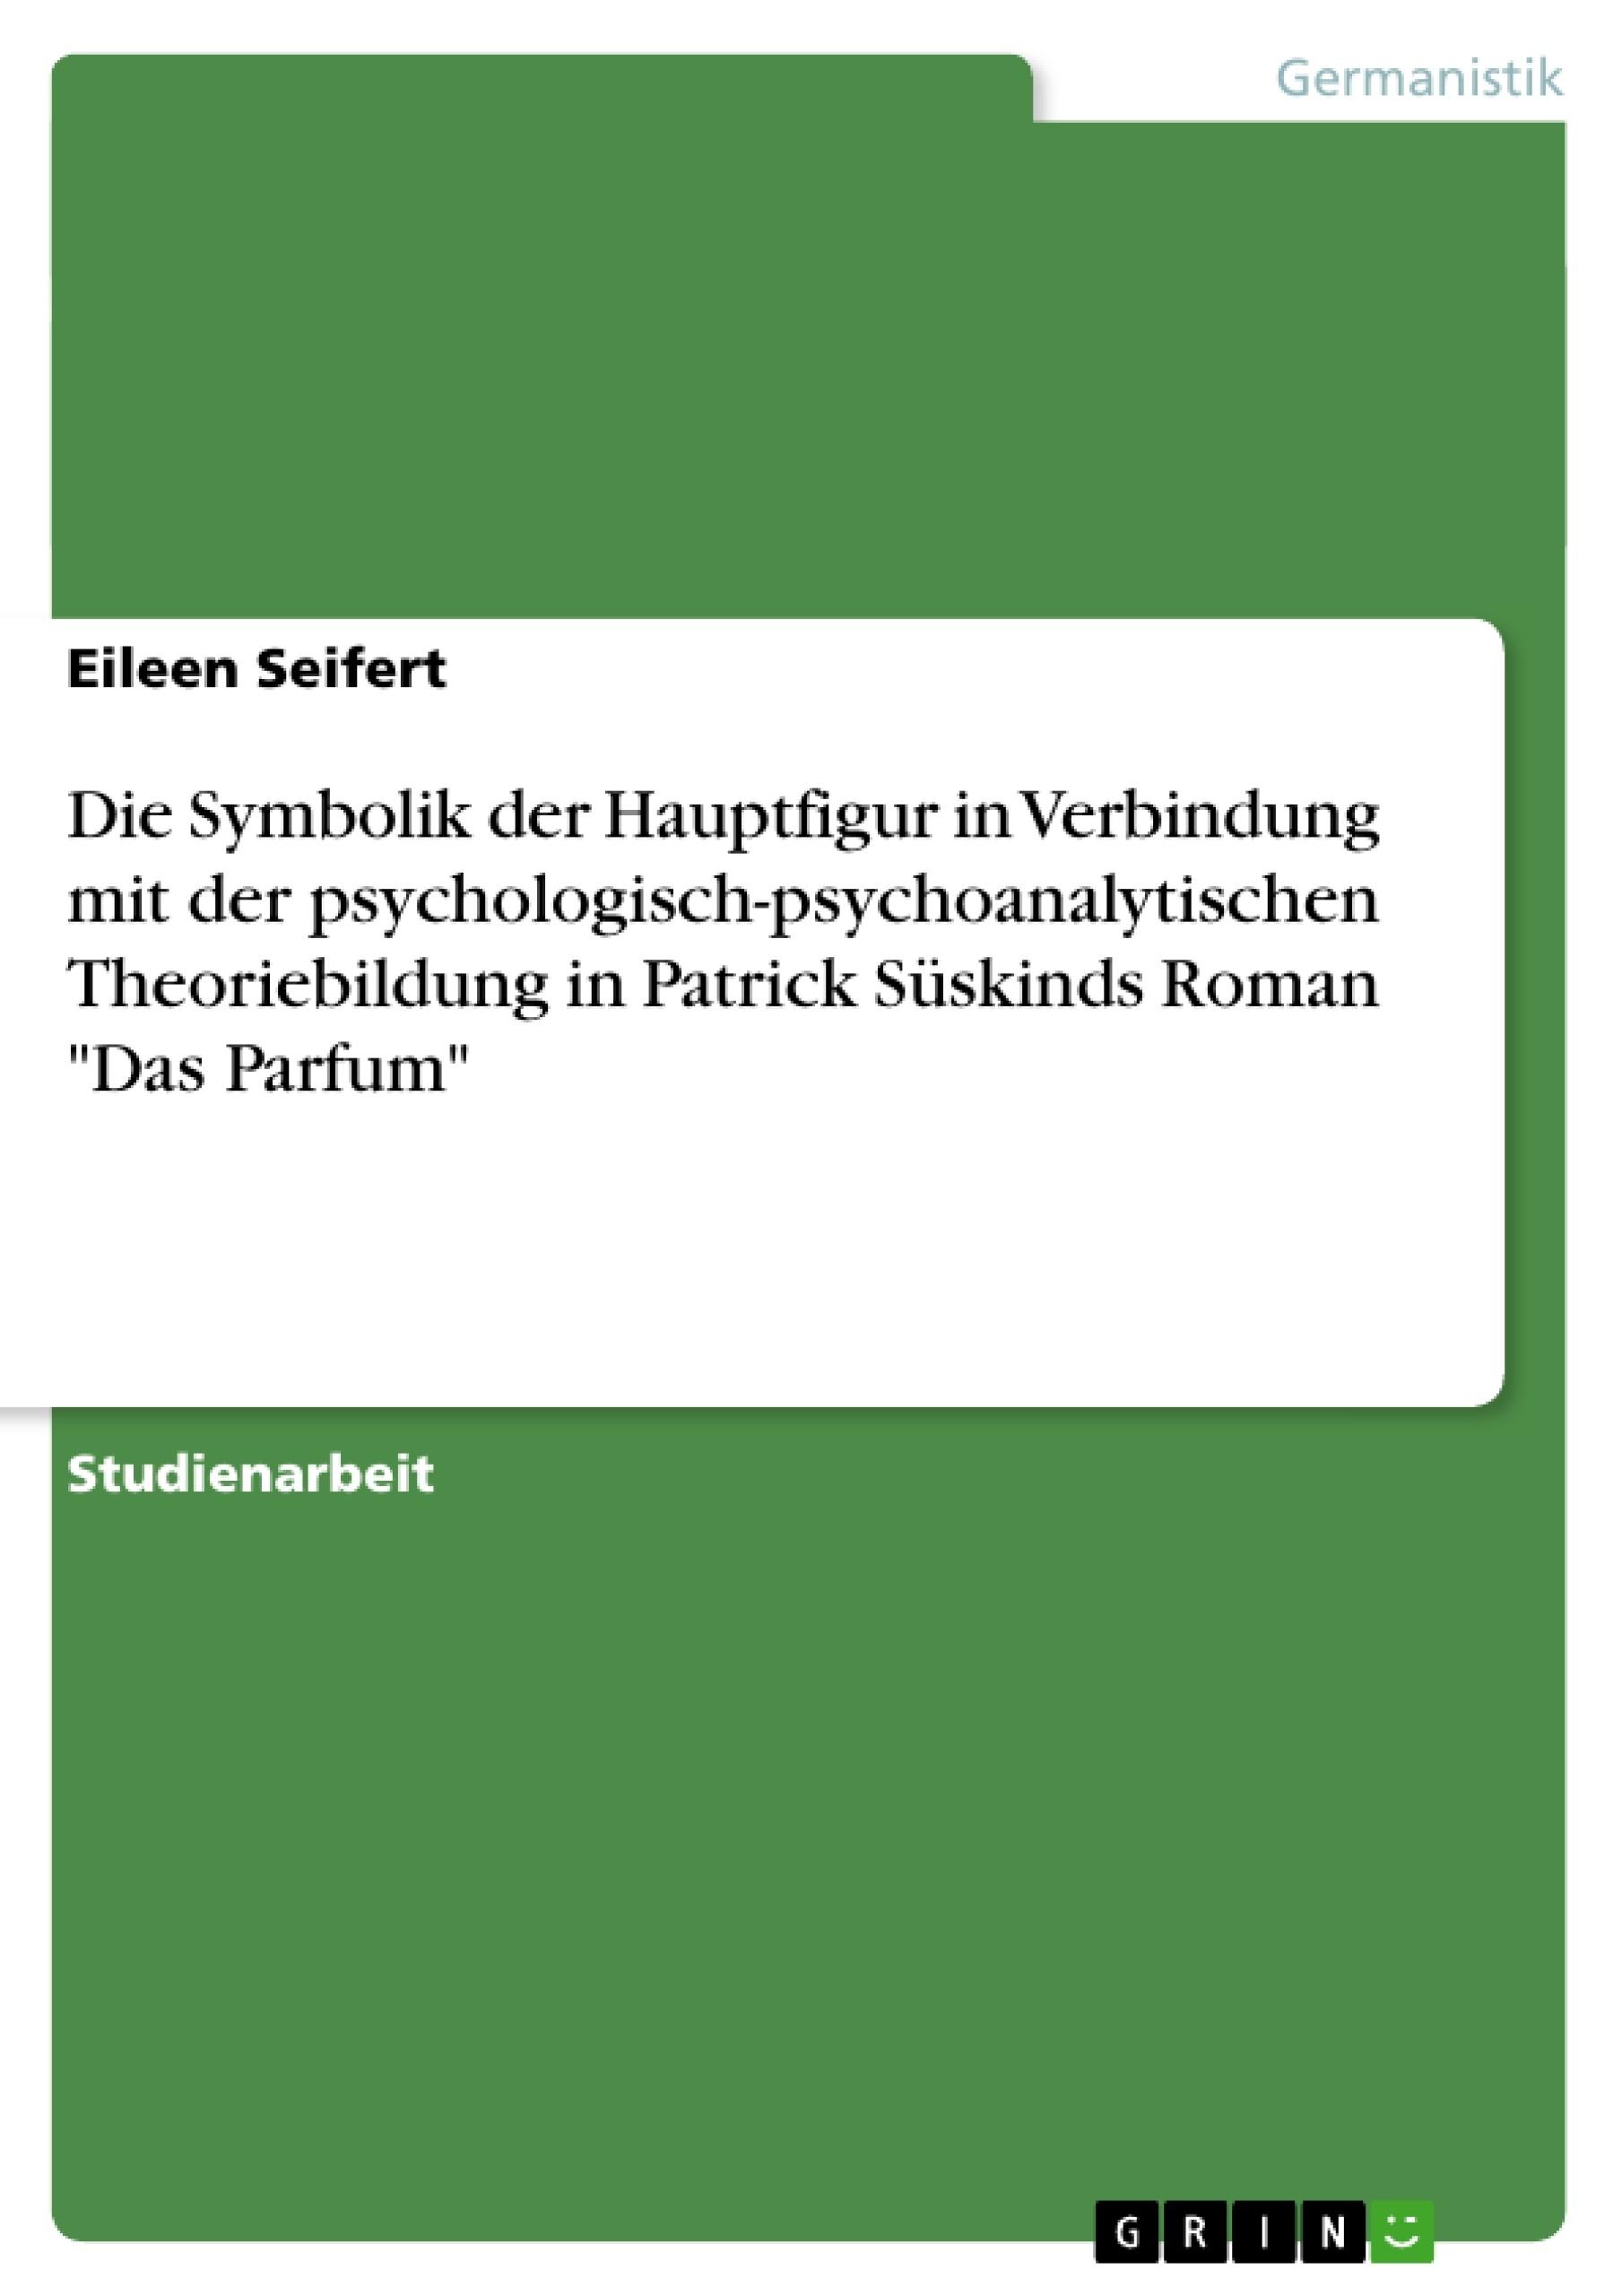 """Titel: Die Symbolik der Hauptfigur in Verbindung mit der psychologisch-psychoanalytischen Theoriebildung in Patrick Süskinds Roman """"Das Parfum"""""""